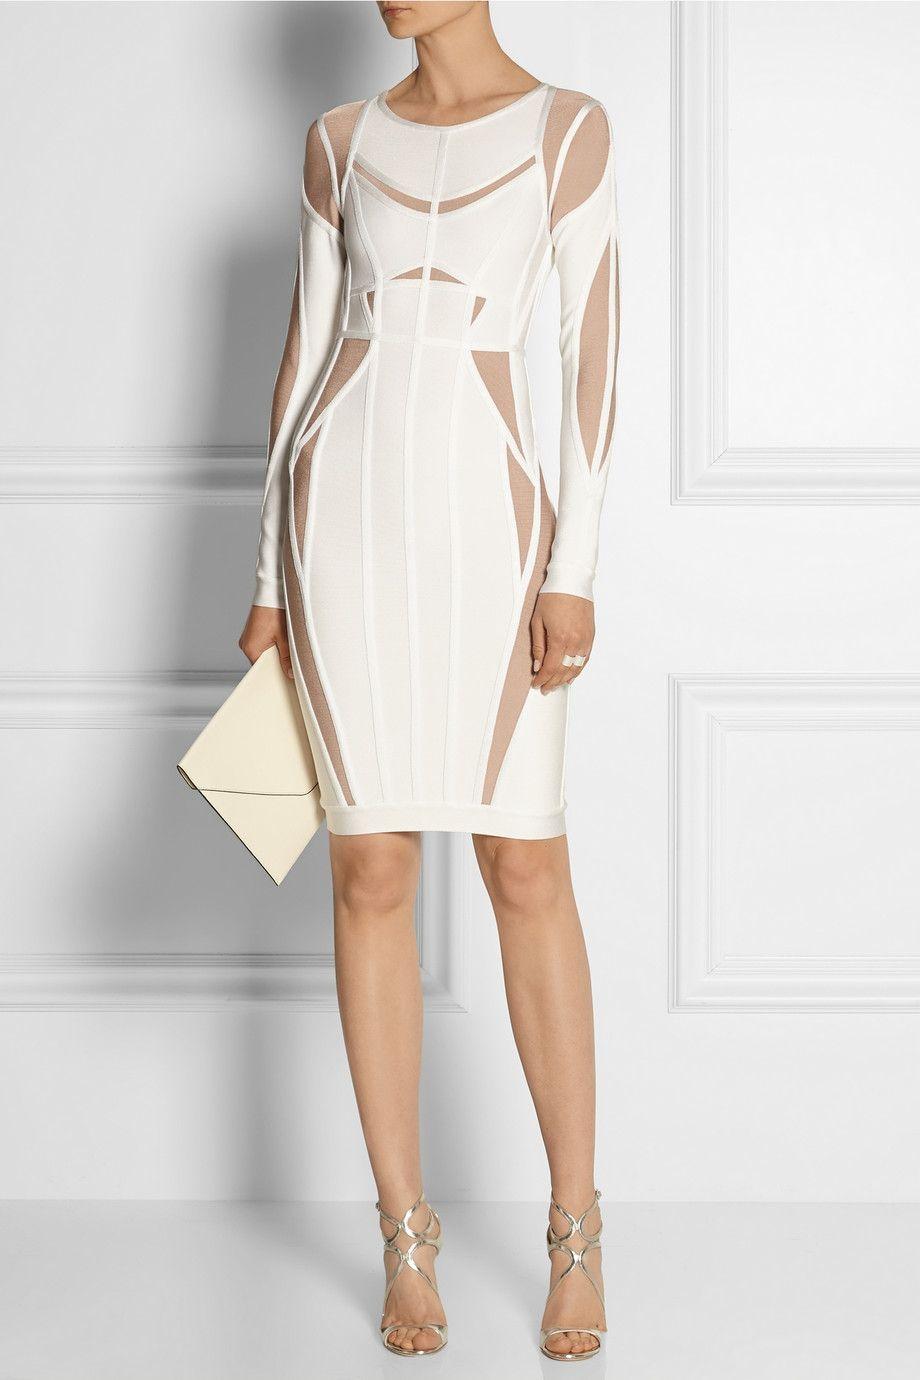 Hervé Léger | Angelique two-tone bandage dress | NET-A-PORTER.COM ...